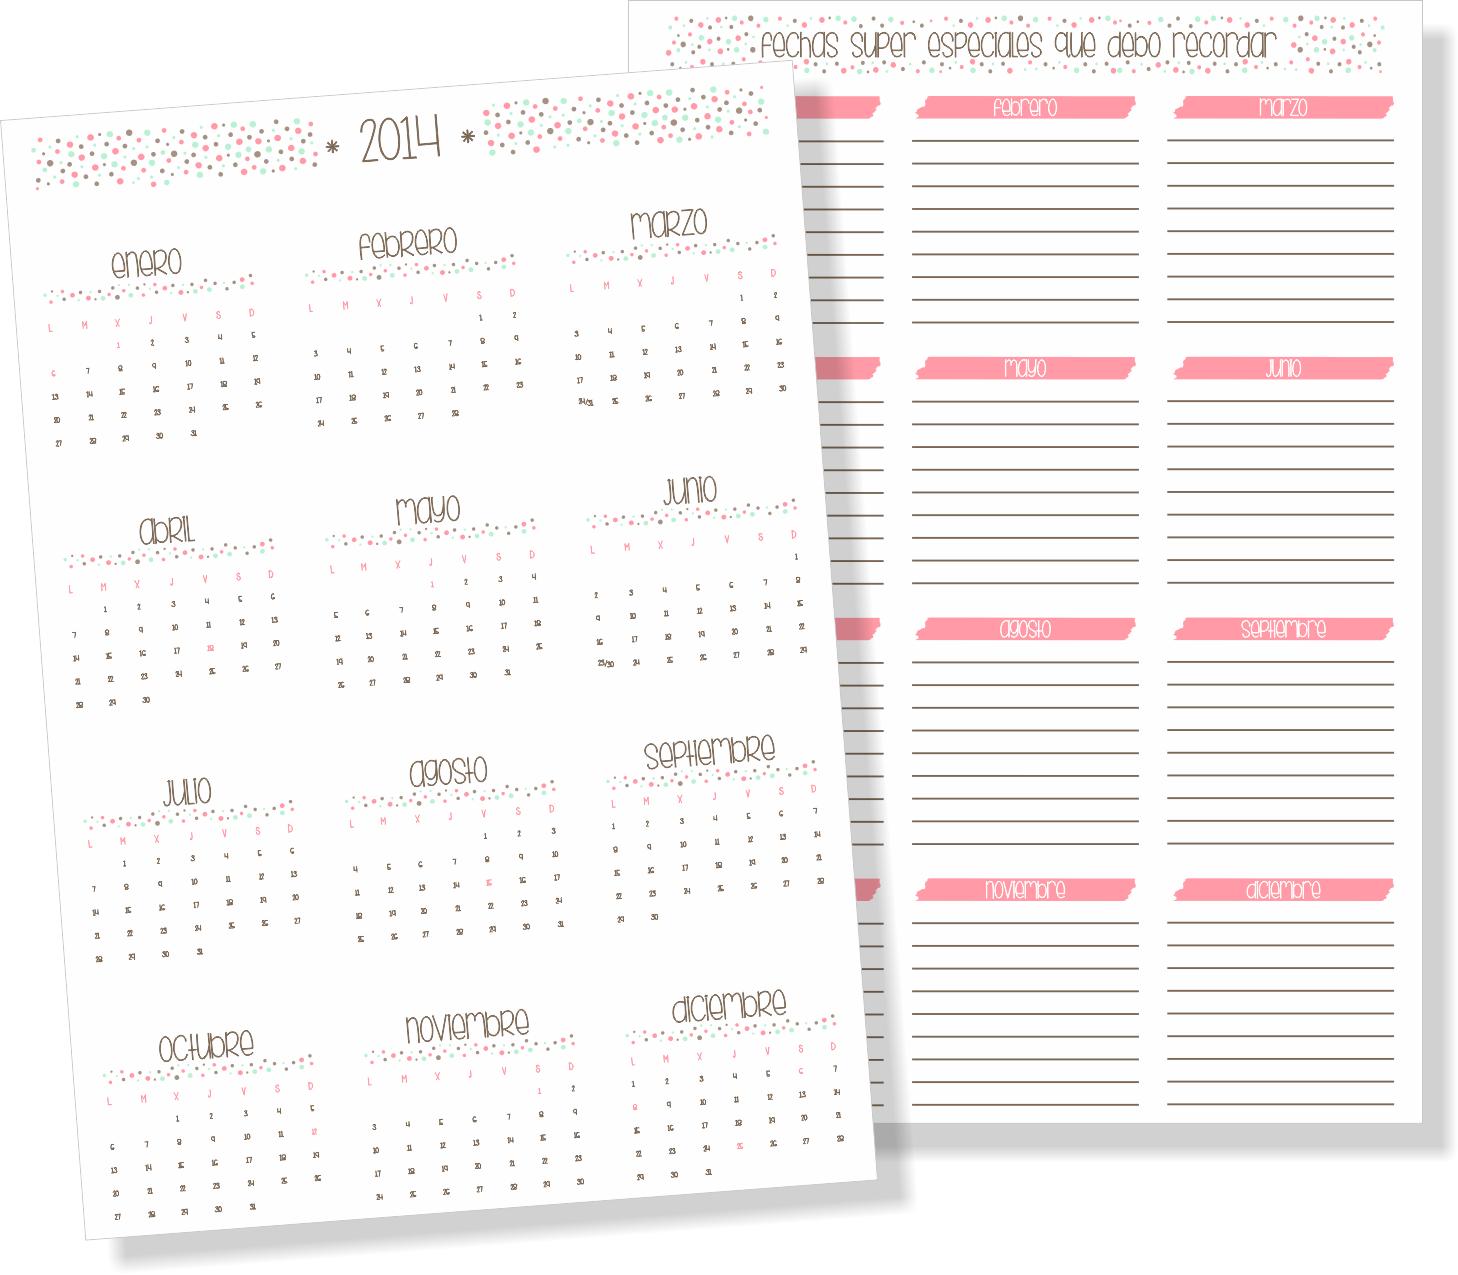 Agenda Calendario 2014